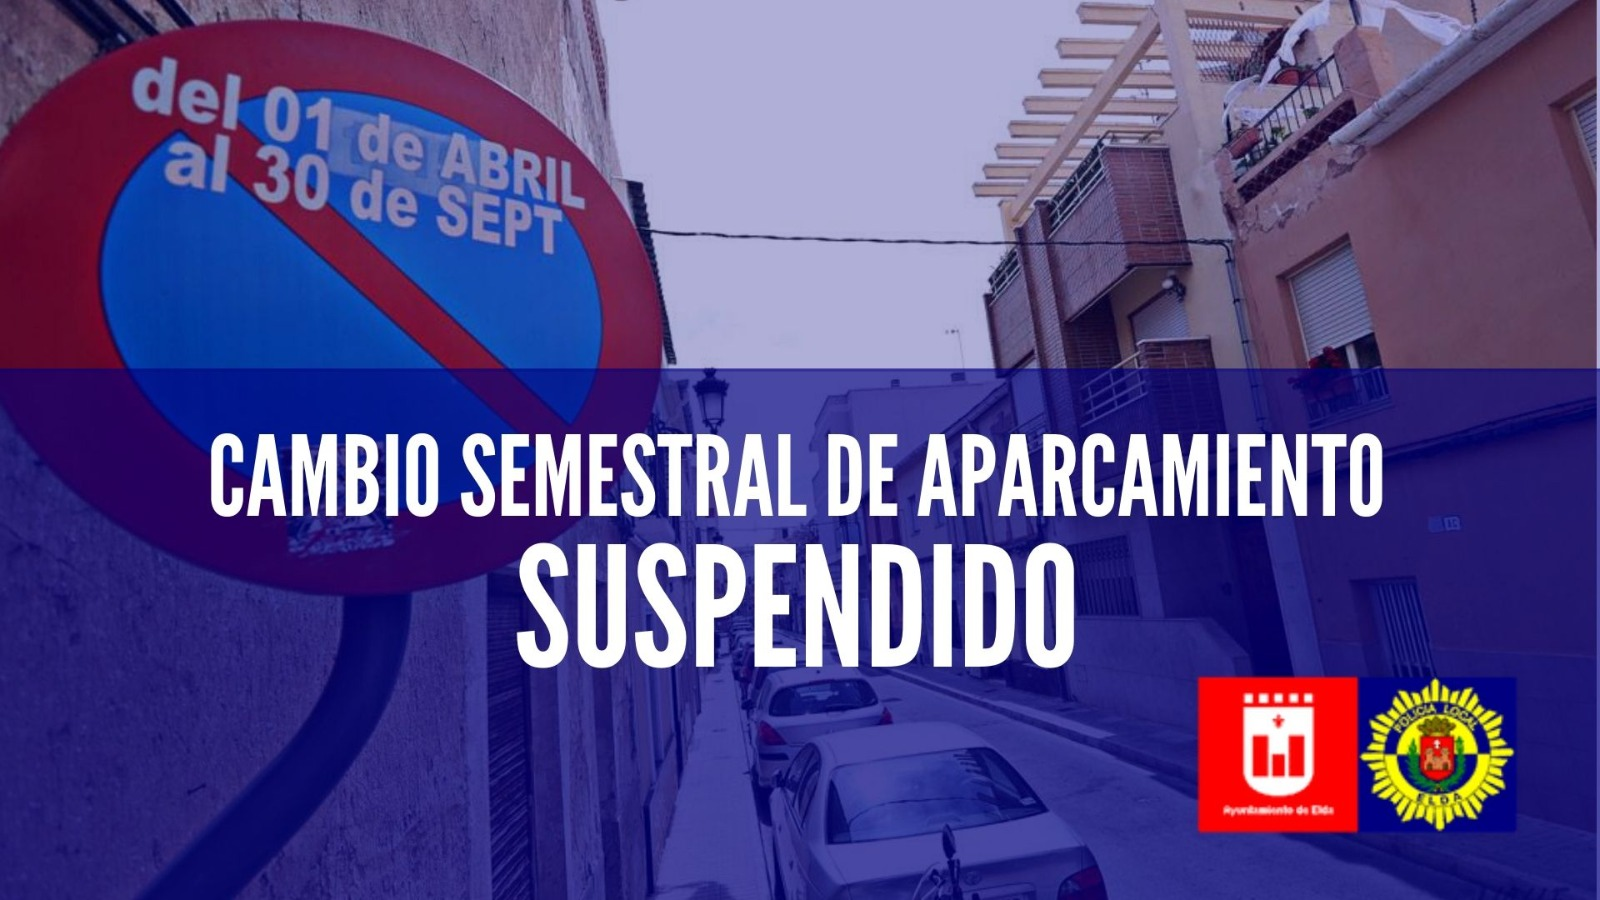 Suspendido el cambio semestral de aparcamiento previsto para el 1 de abril por la declaración del estado de alarma